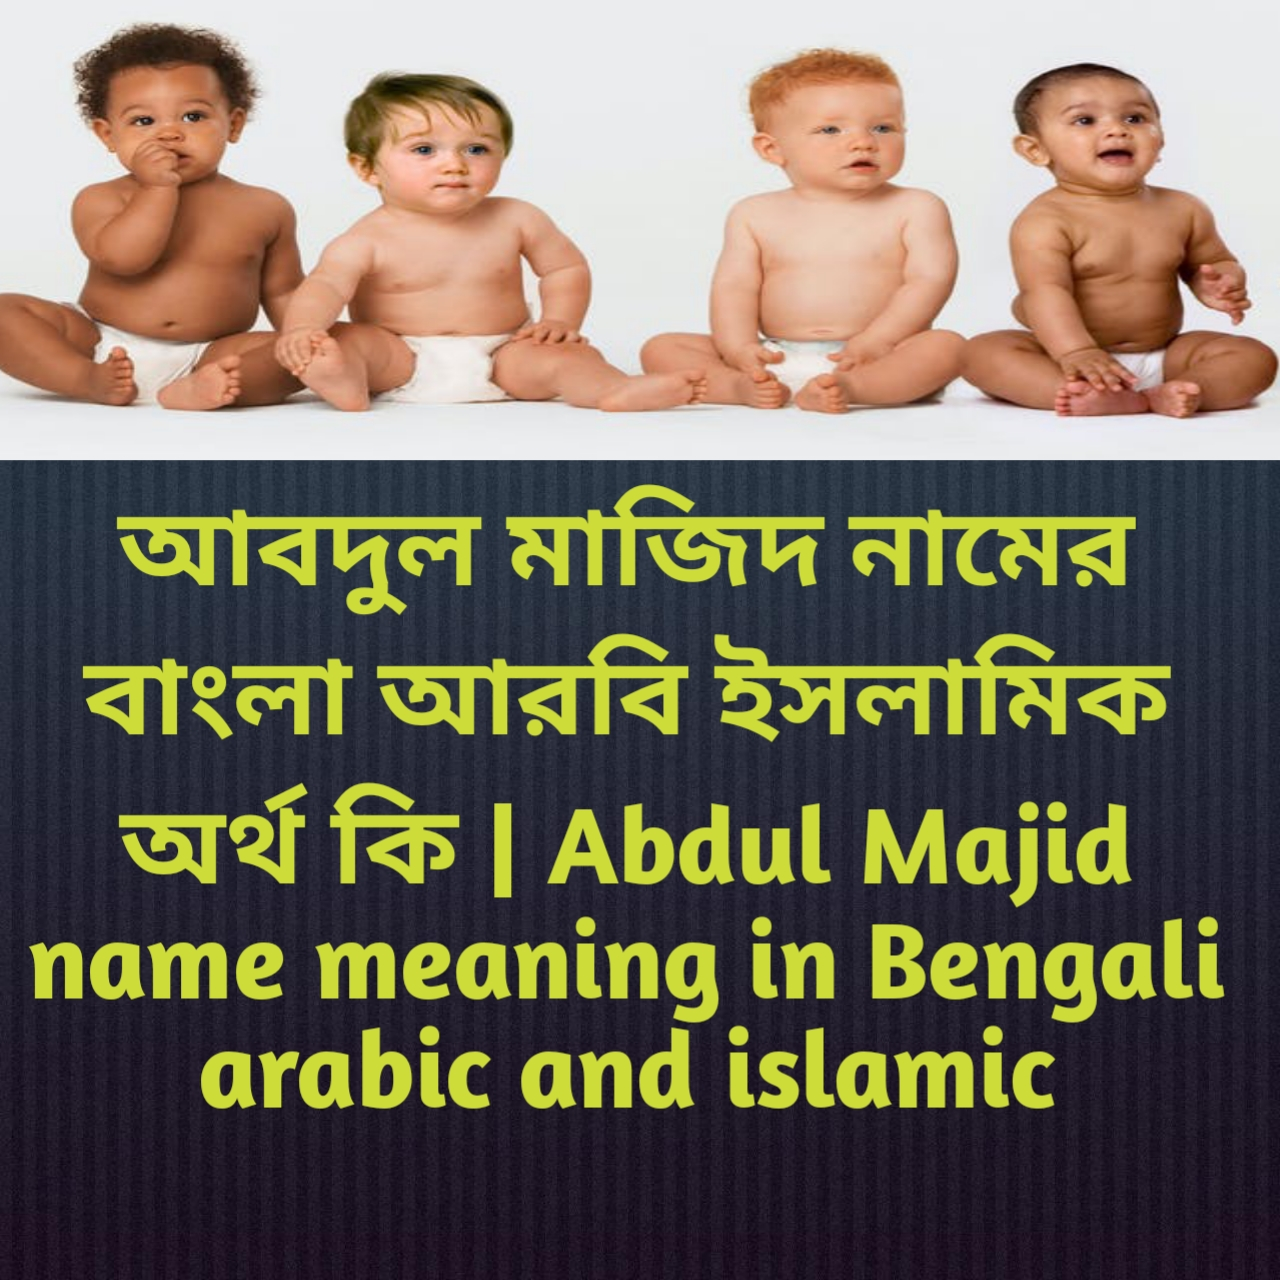 আবদুল মাজিদ নামের অর্থ কি, আবদুল মাজিদ নামের বাংলা অর্থ কি, আবদুল মাজিদ নামের ইসলামিক অর্থ কি, Abdul Majid name meaning in Bengali, আবদুল মাজিদ কি ইসলামিক নাম,